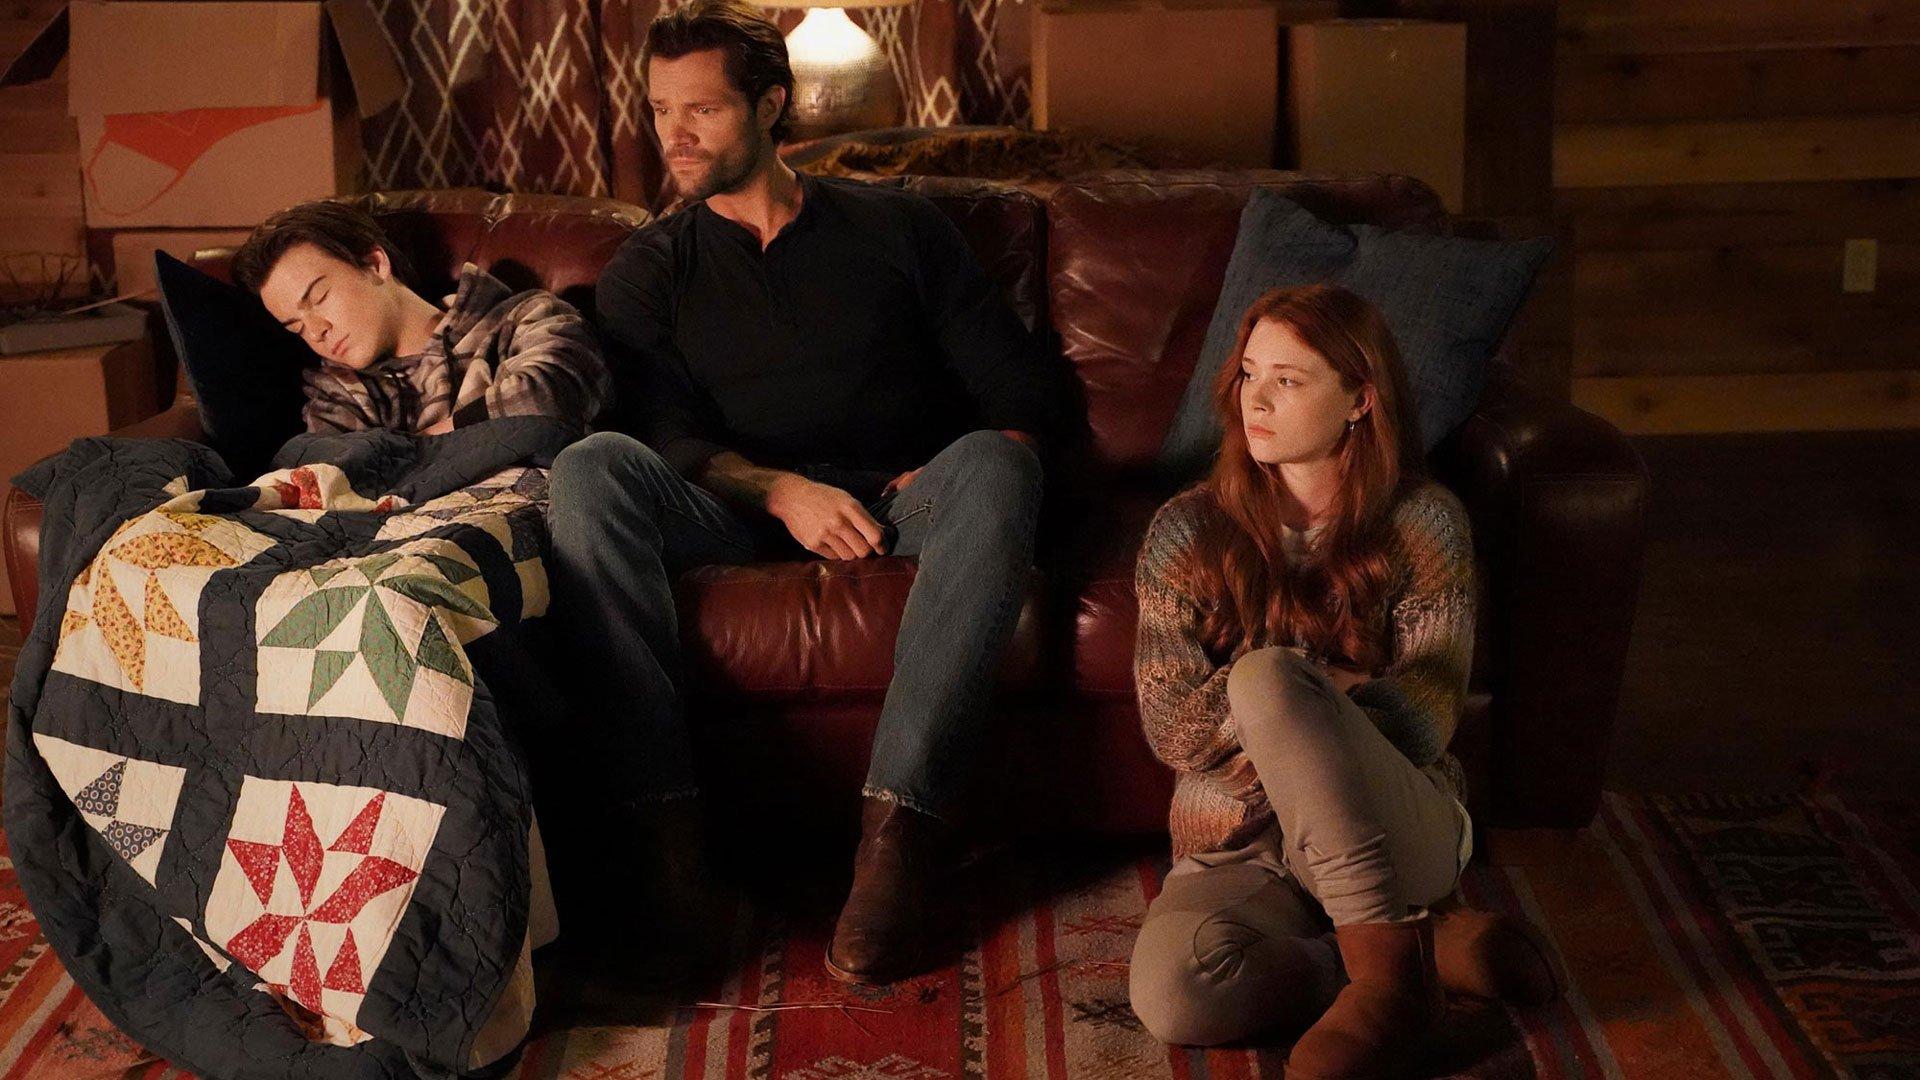 سریال Walker رکورد افتتاحیه شبکه CW در پنج سال اخیر را شکست